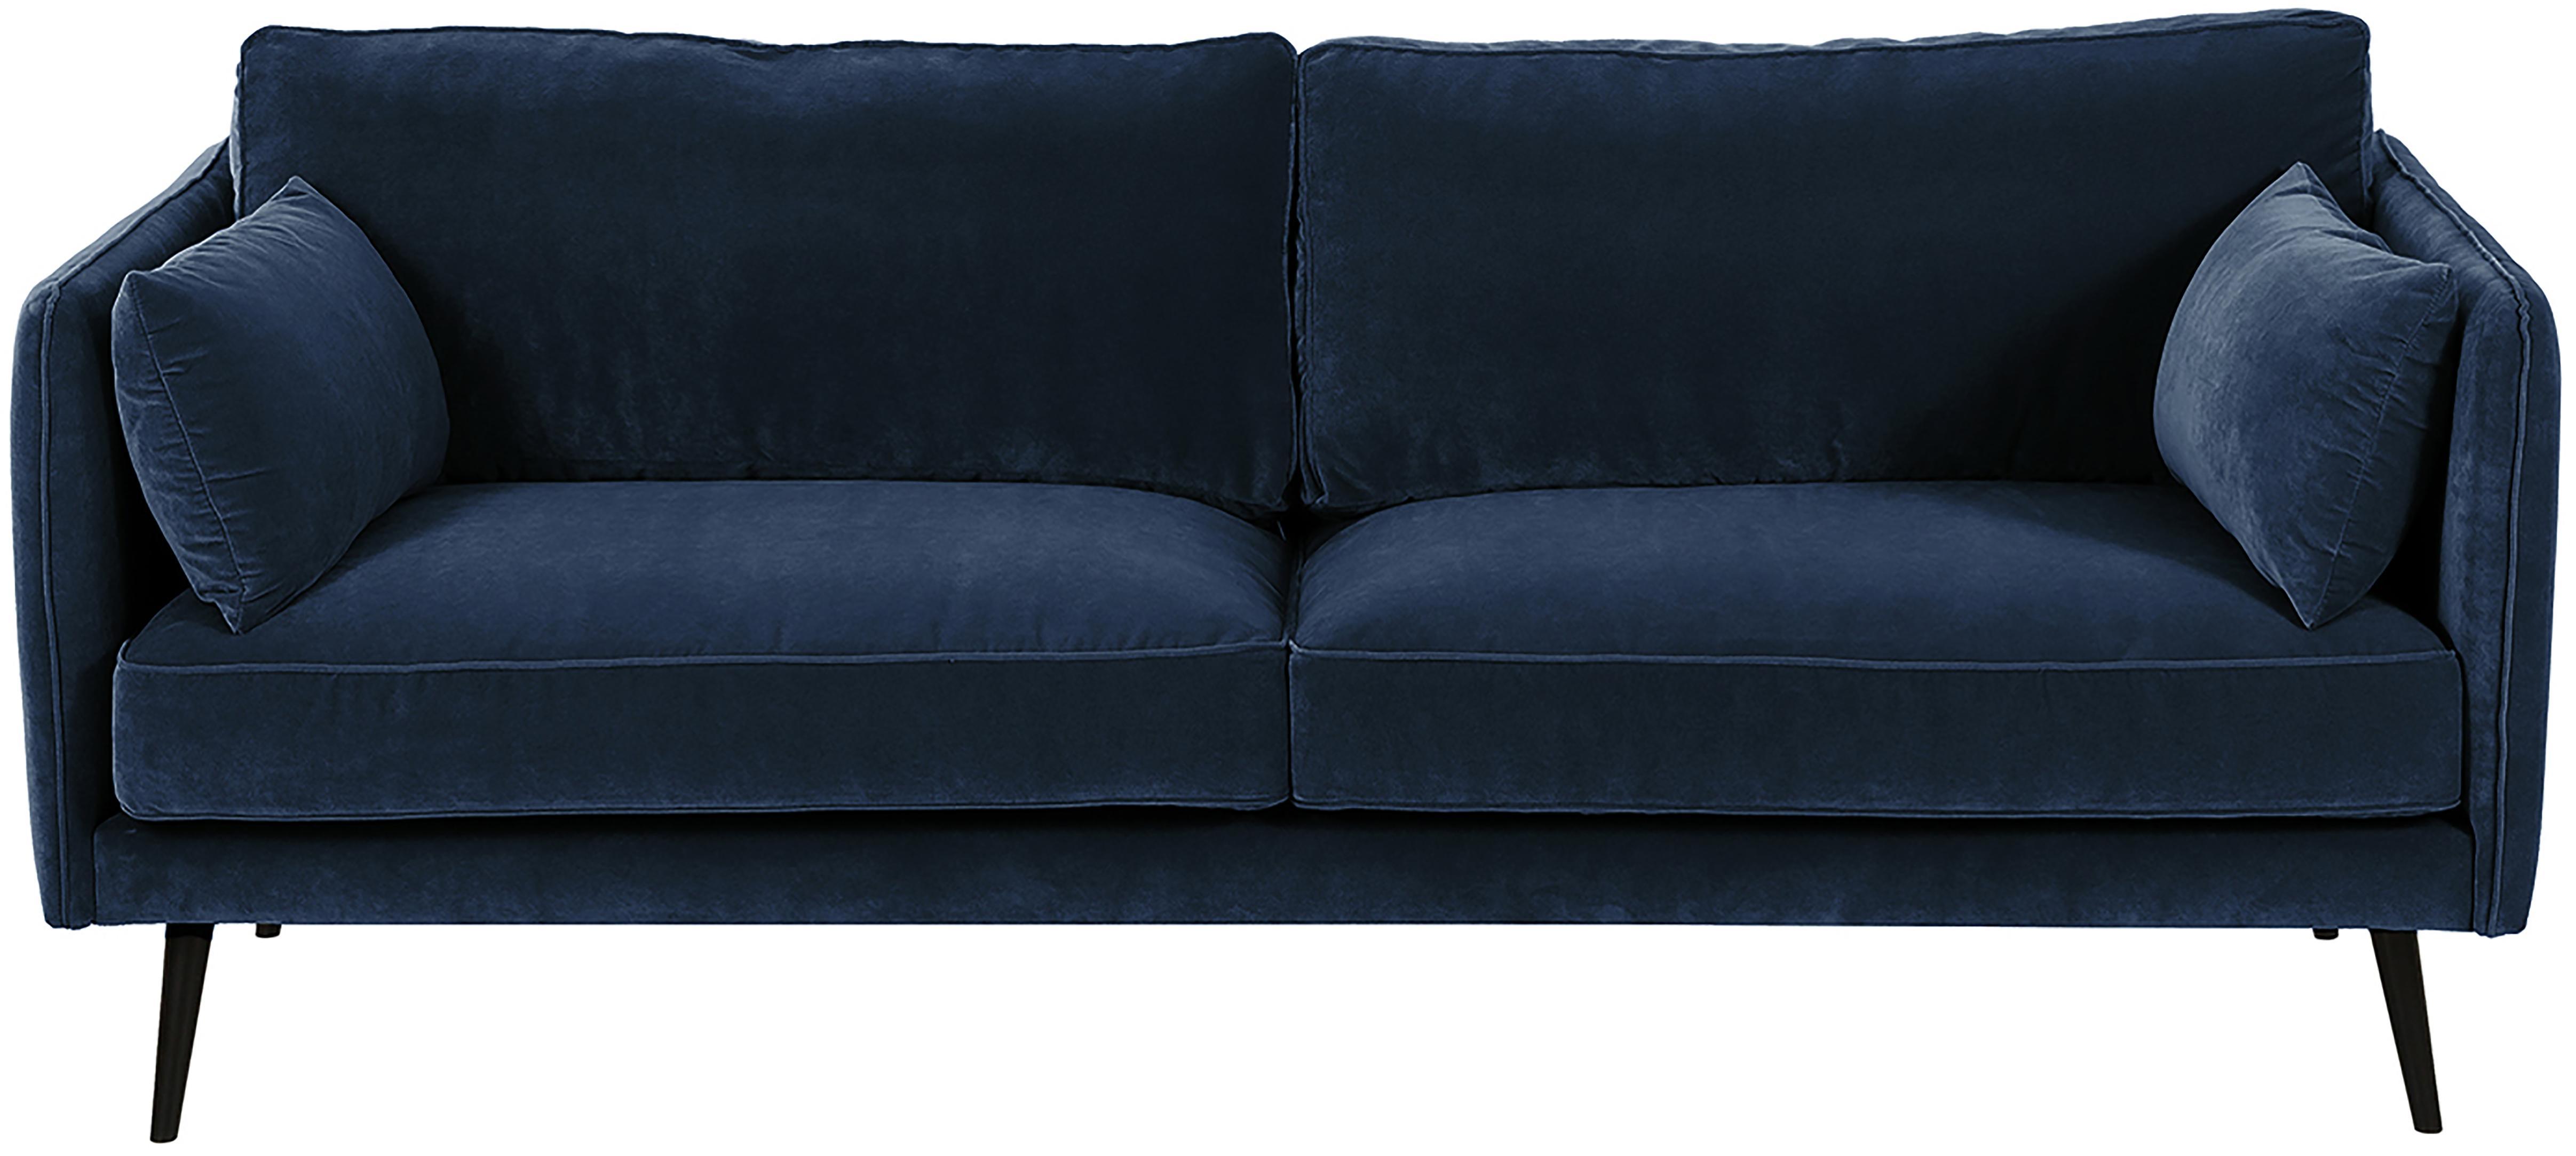 Sofá de terciopelo Paola (3plazas), Tapizado: terciopelo (poliéster) 70, Estructura: madera de abeto maciza, a, Patas: madera de abeto, pintada, Azul, An 209 x F 95 cm